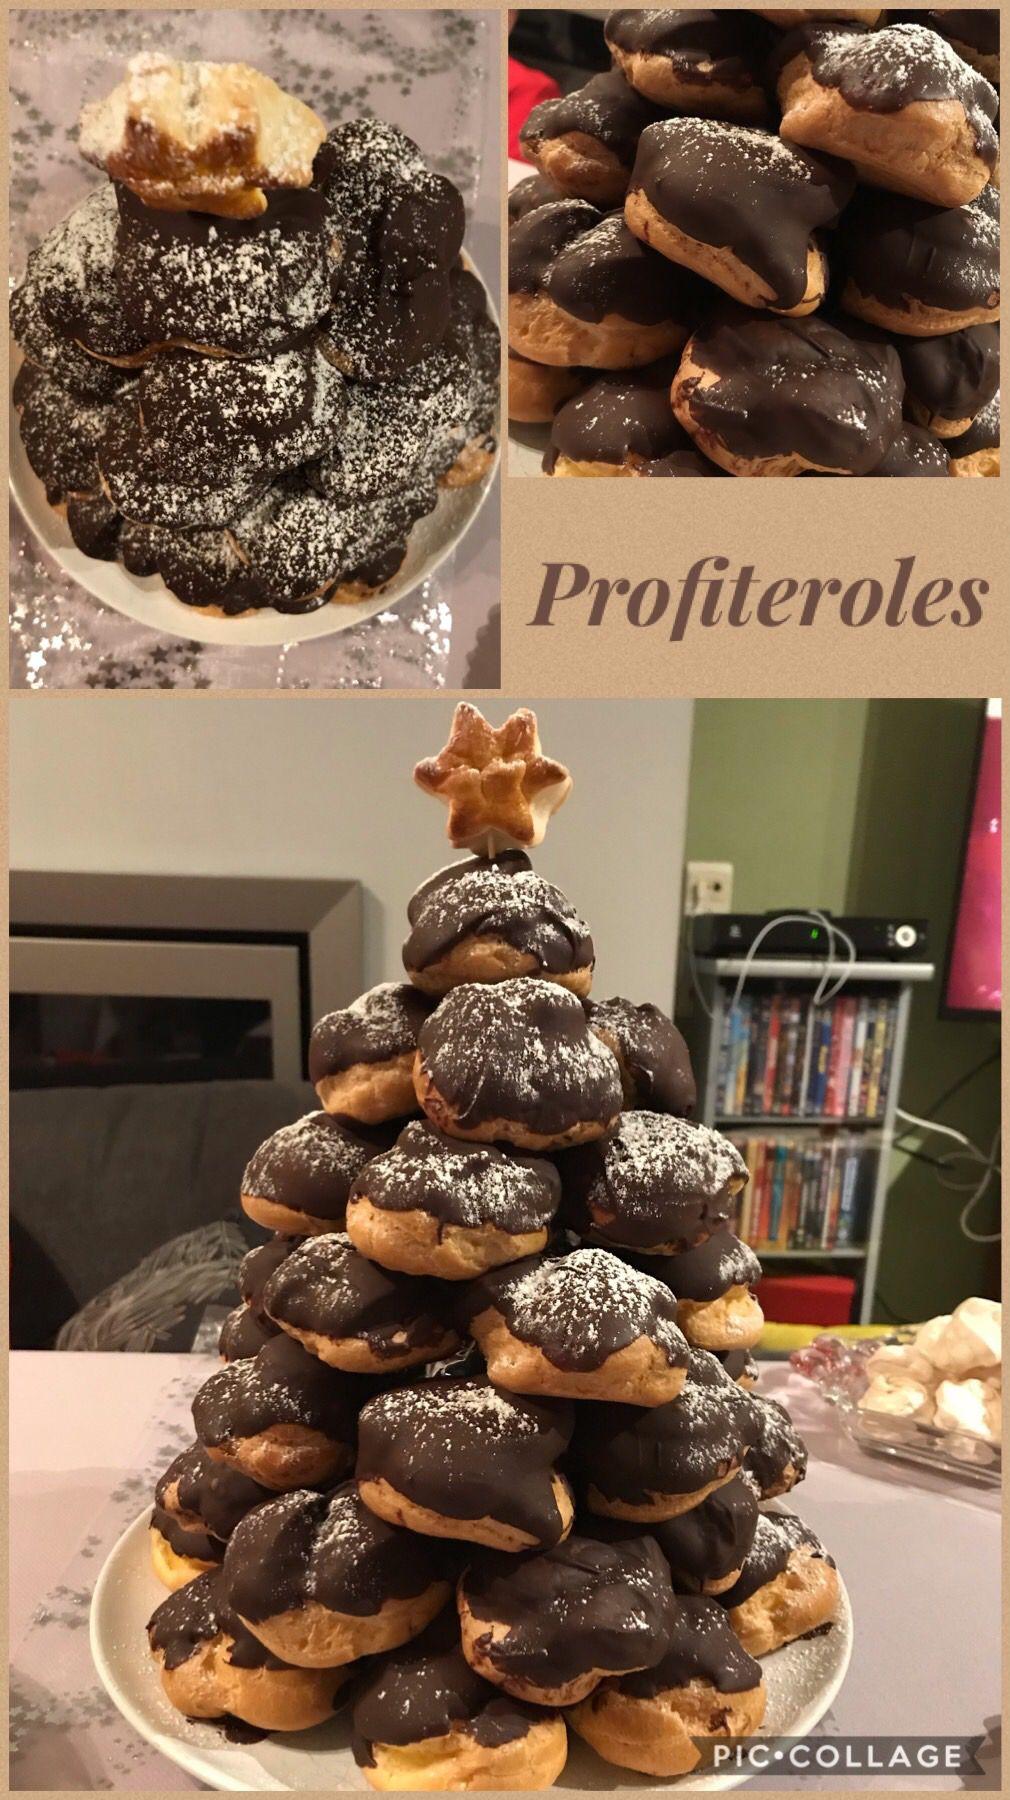 New Years Eve Dessert Number 2 Oudejaarsavond Dessert Nummer 2